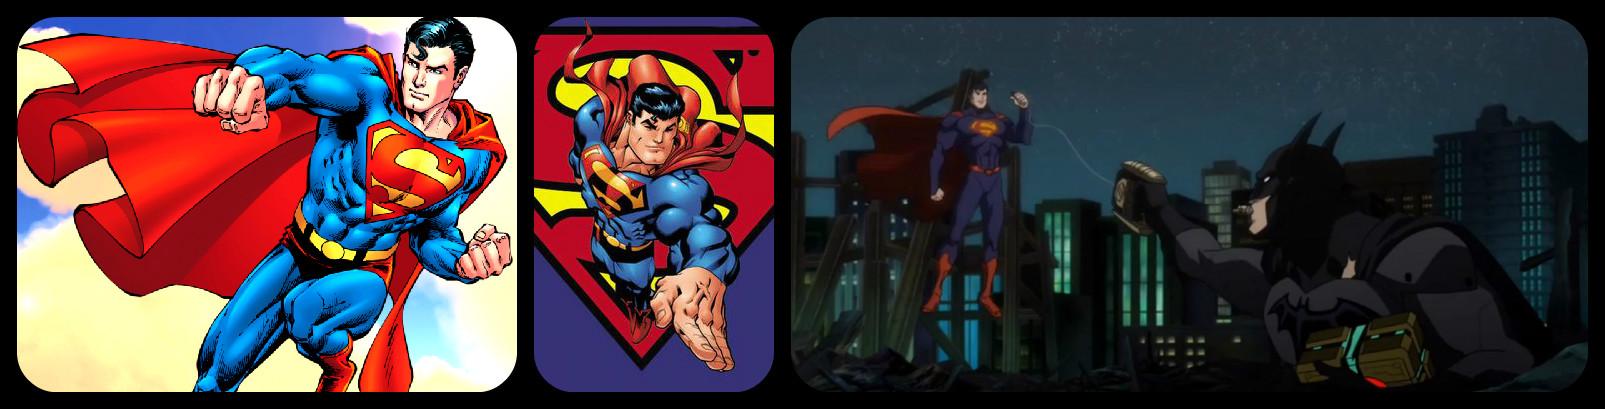 SupermanExample